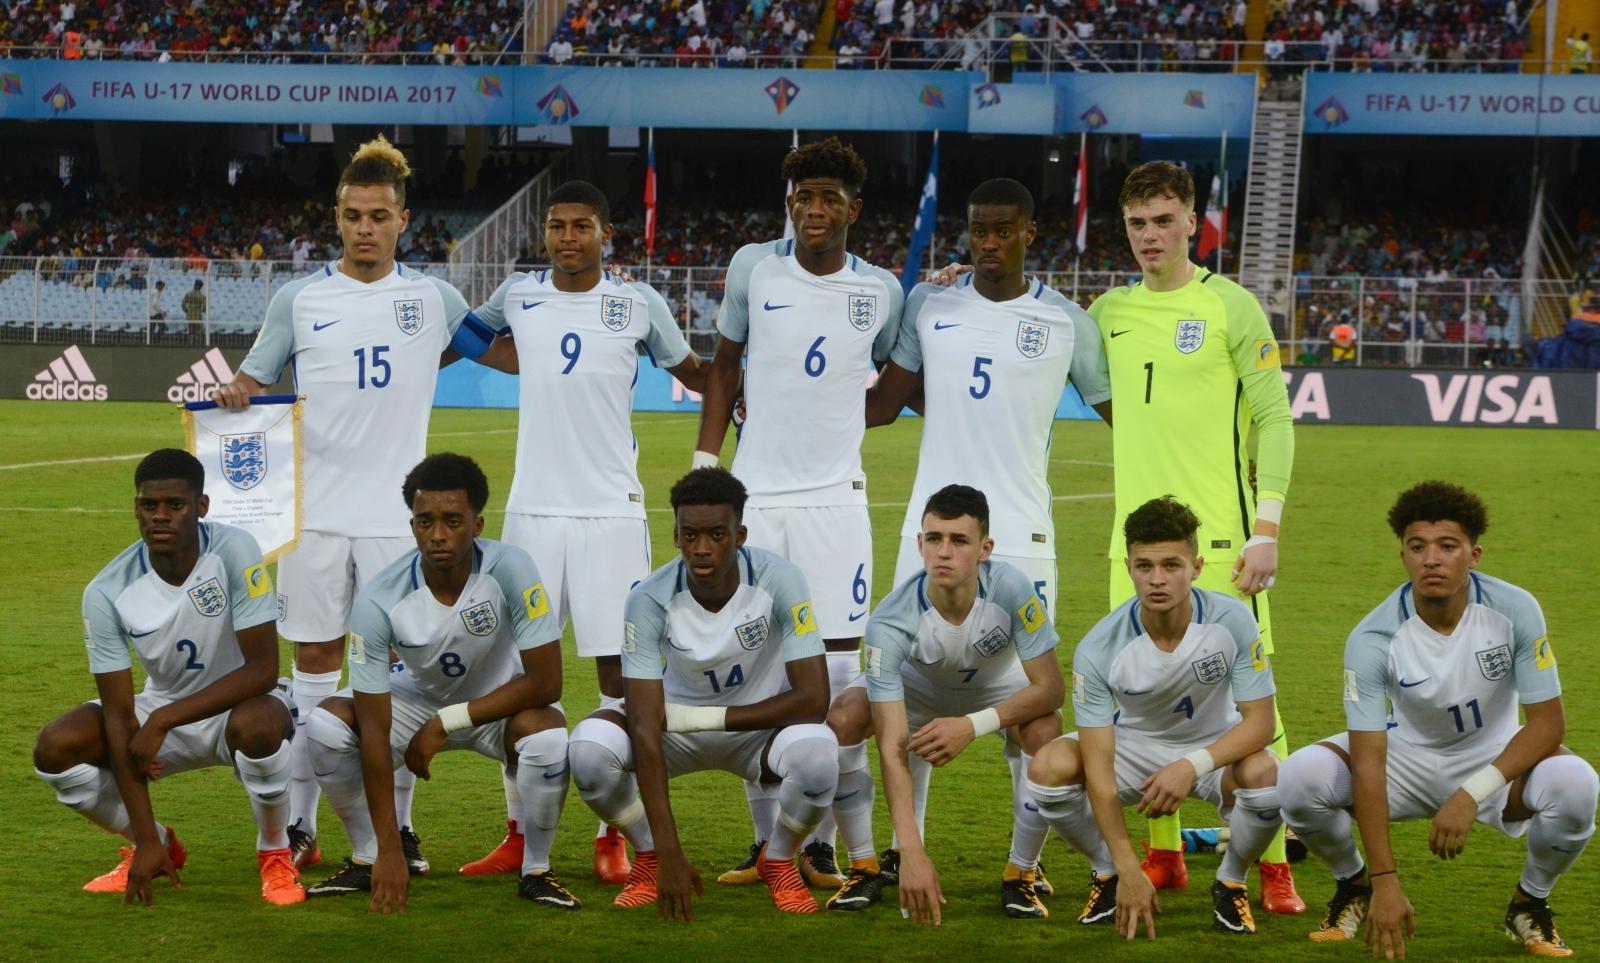 England Under-17